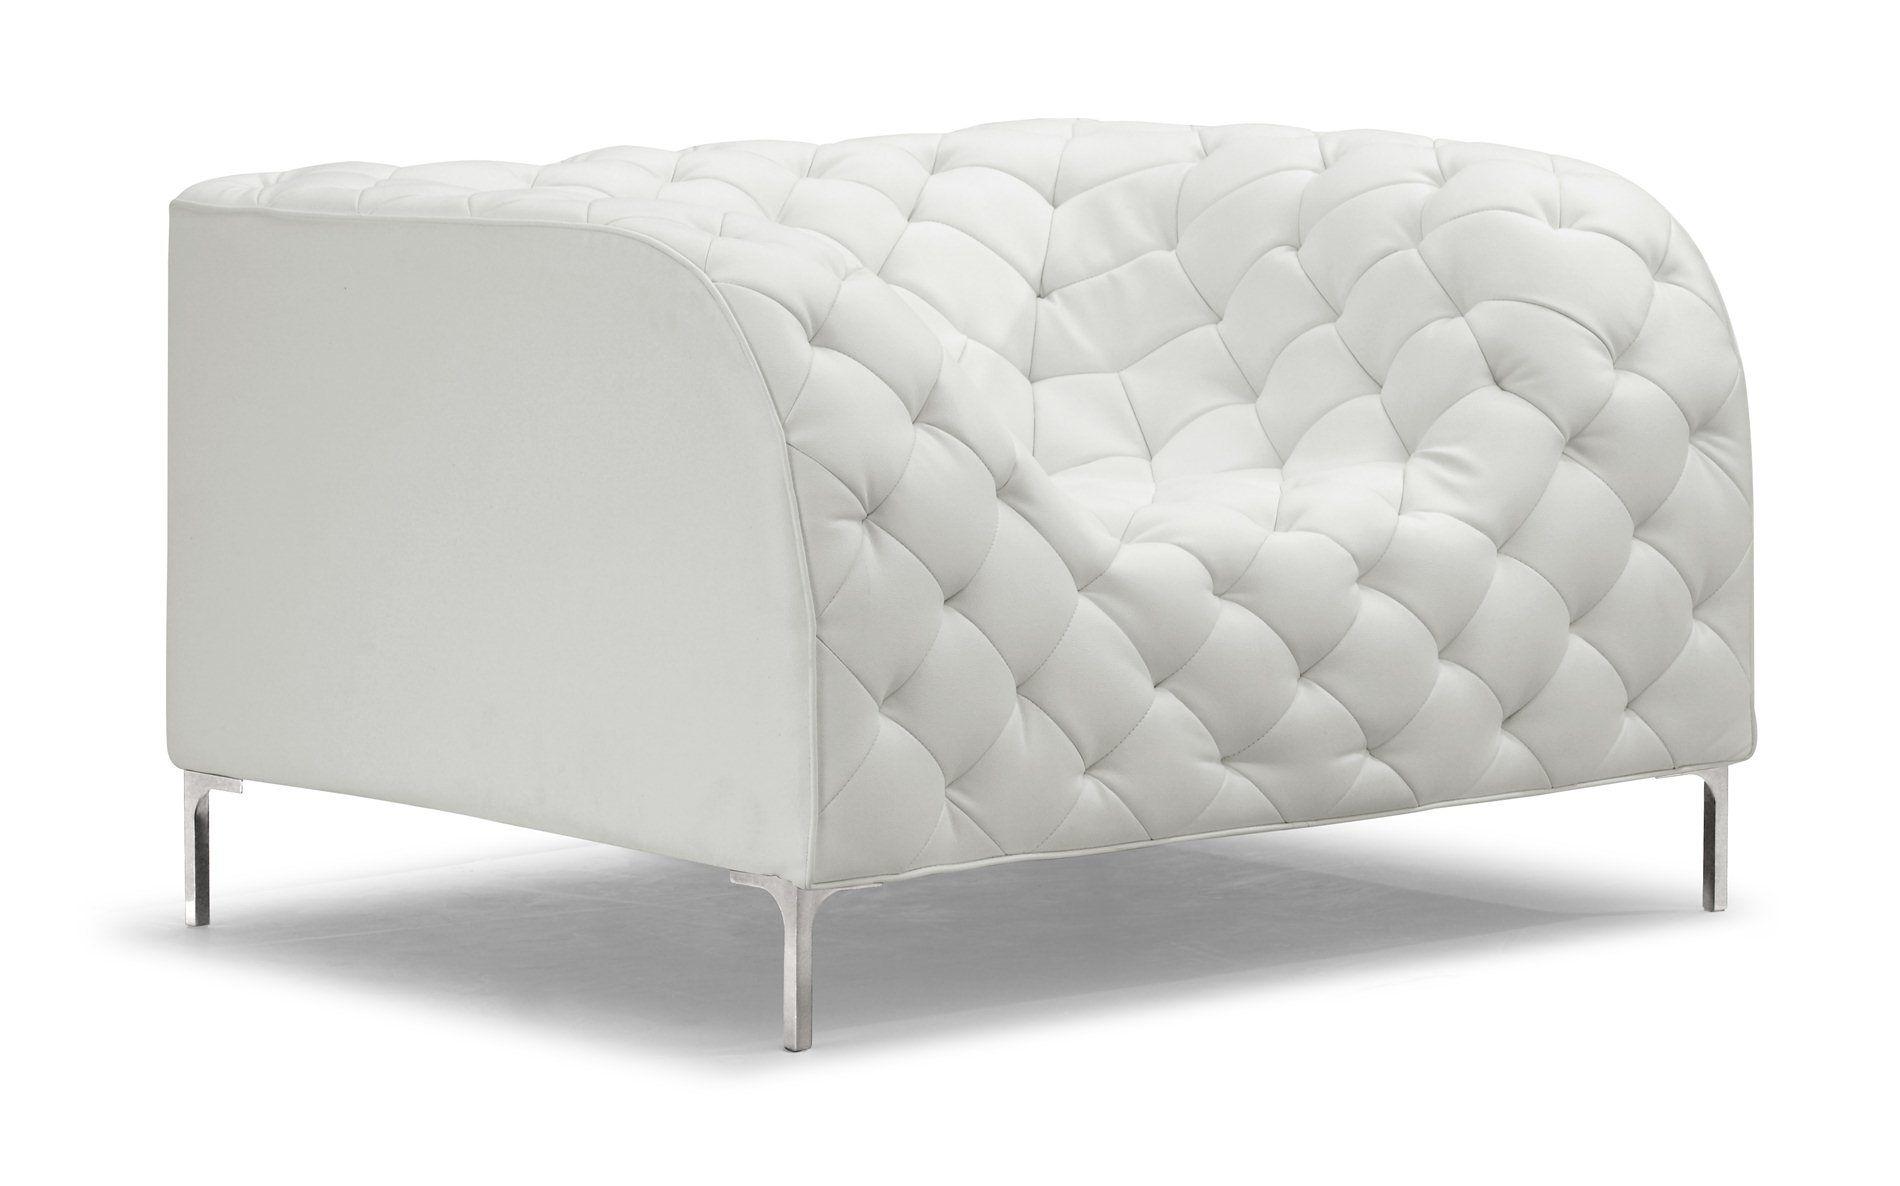 Plush Modern Armchair Xmz 172009 White Armchair Furniture Modern Lounge Chairs